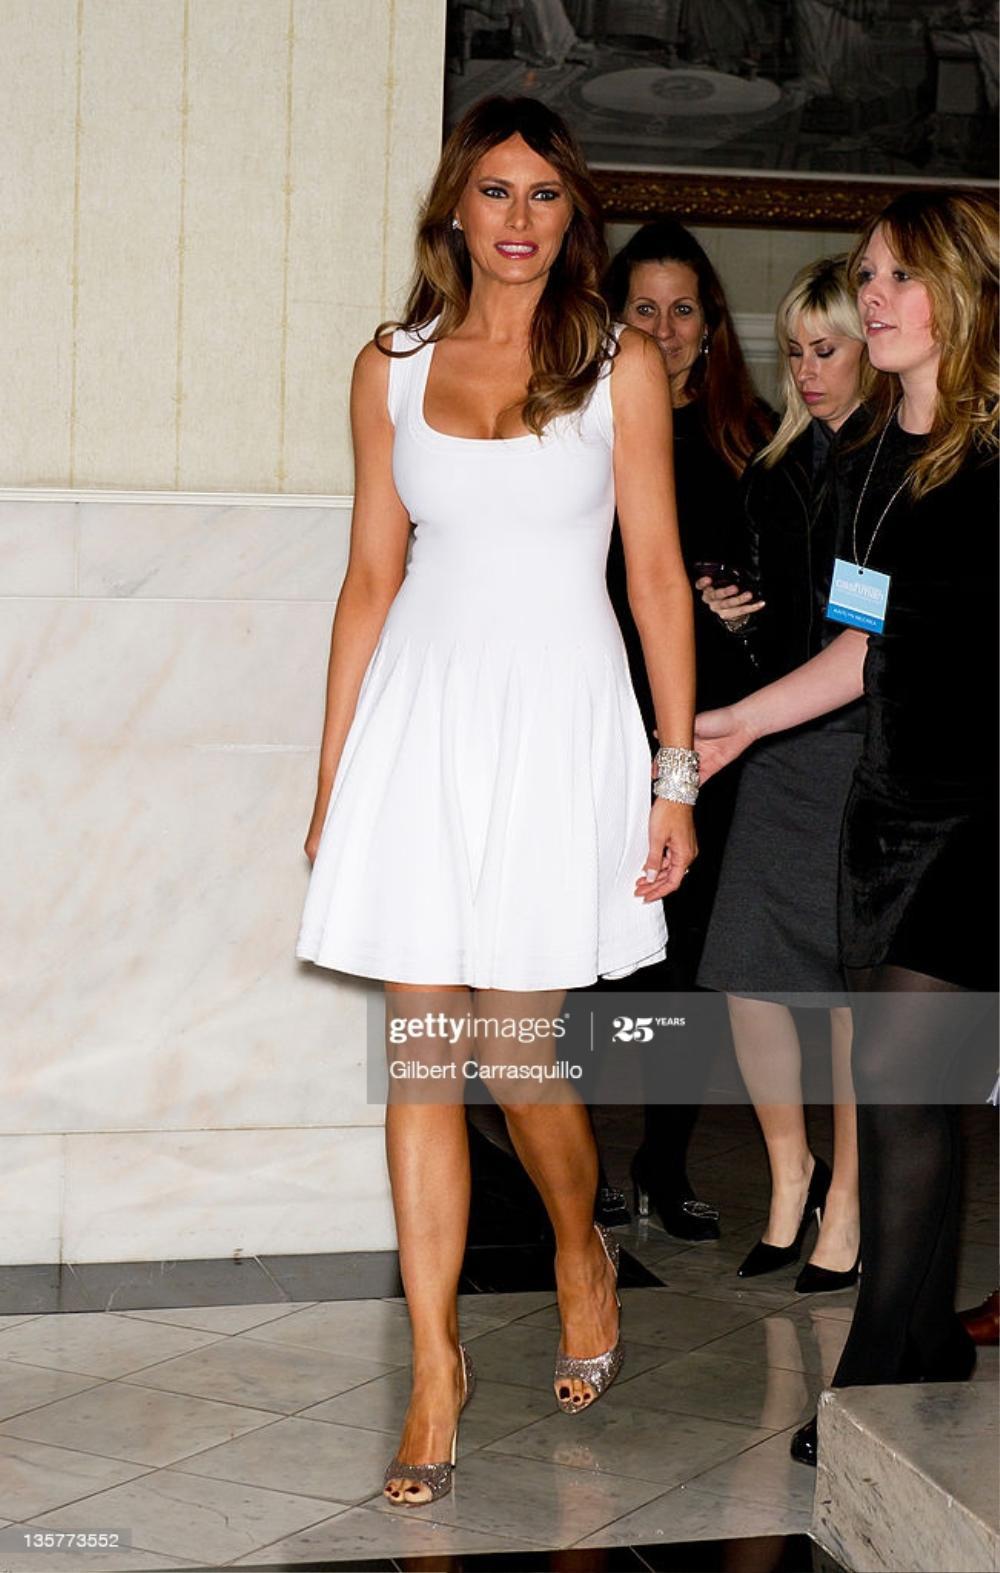 Đệ nhất phu nhân Mỹ Melania Trump cứ diện váy trắng tinh khôi là nhận được vô vàn lời khen Ảnh 4